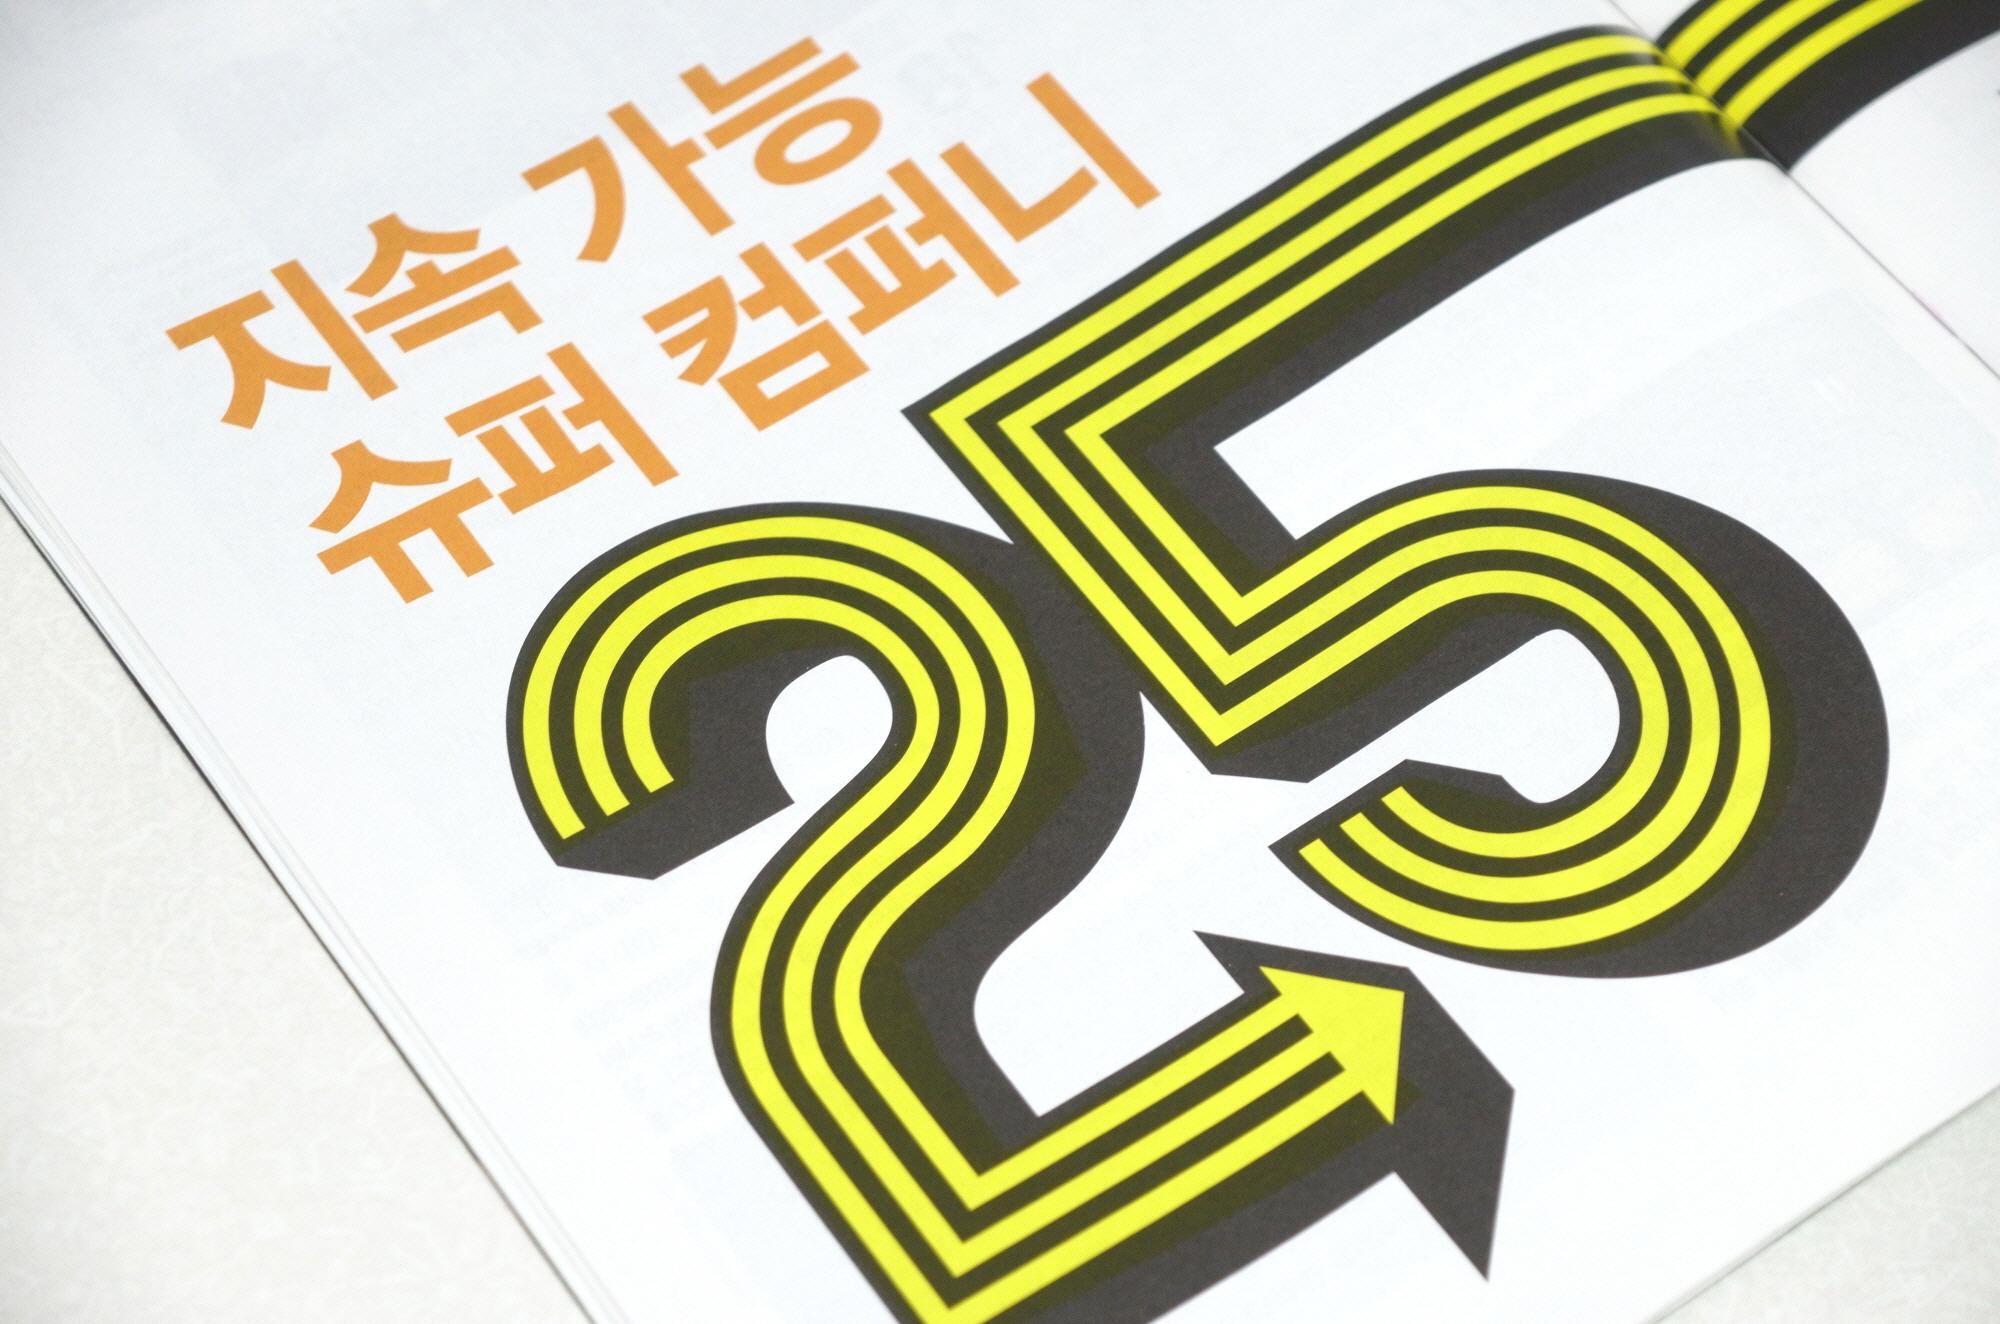 '지속 가능 슈퍼 컴퍼니', 출처: 한경Business No.981